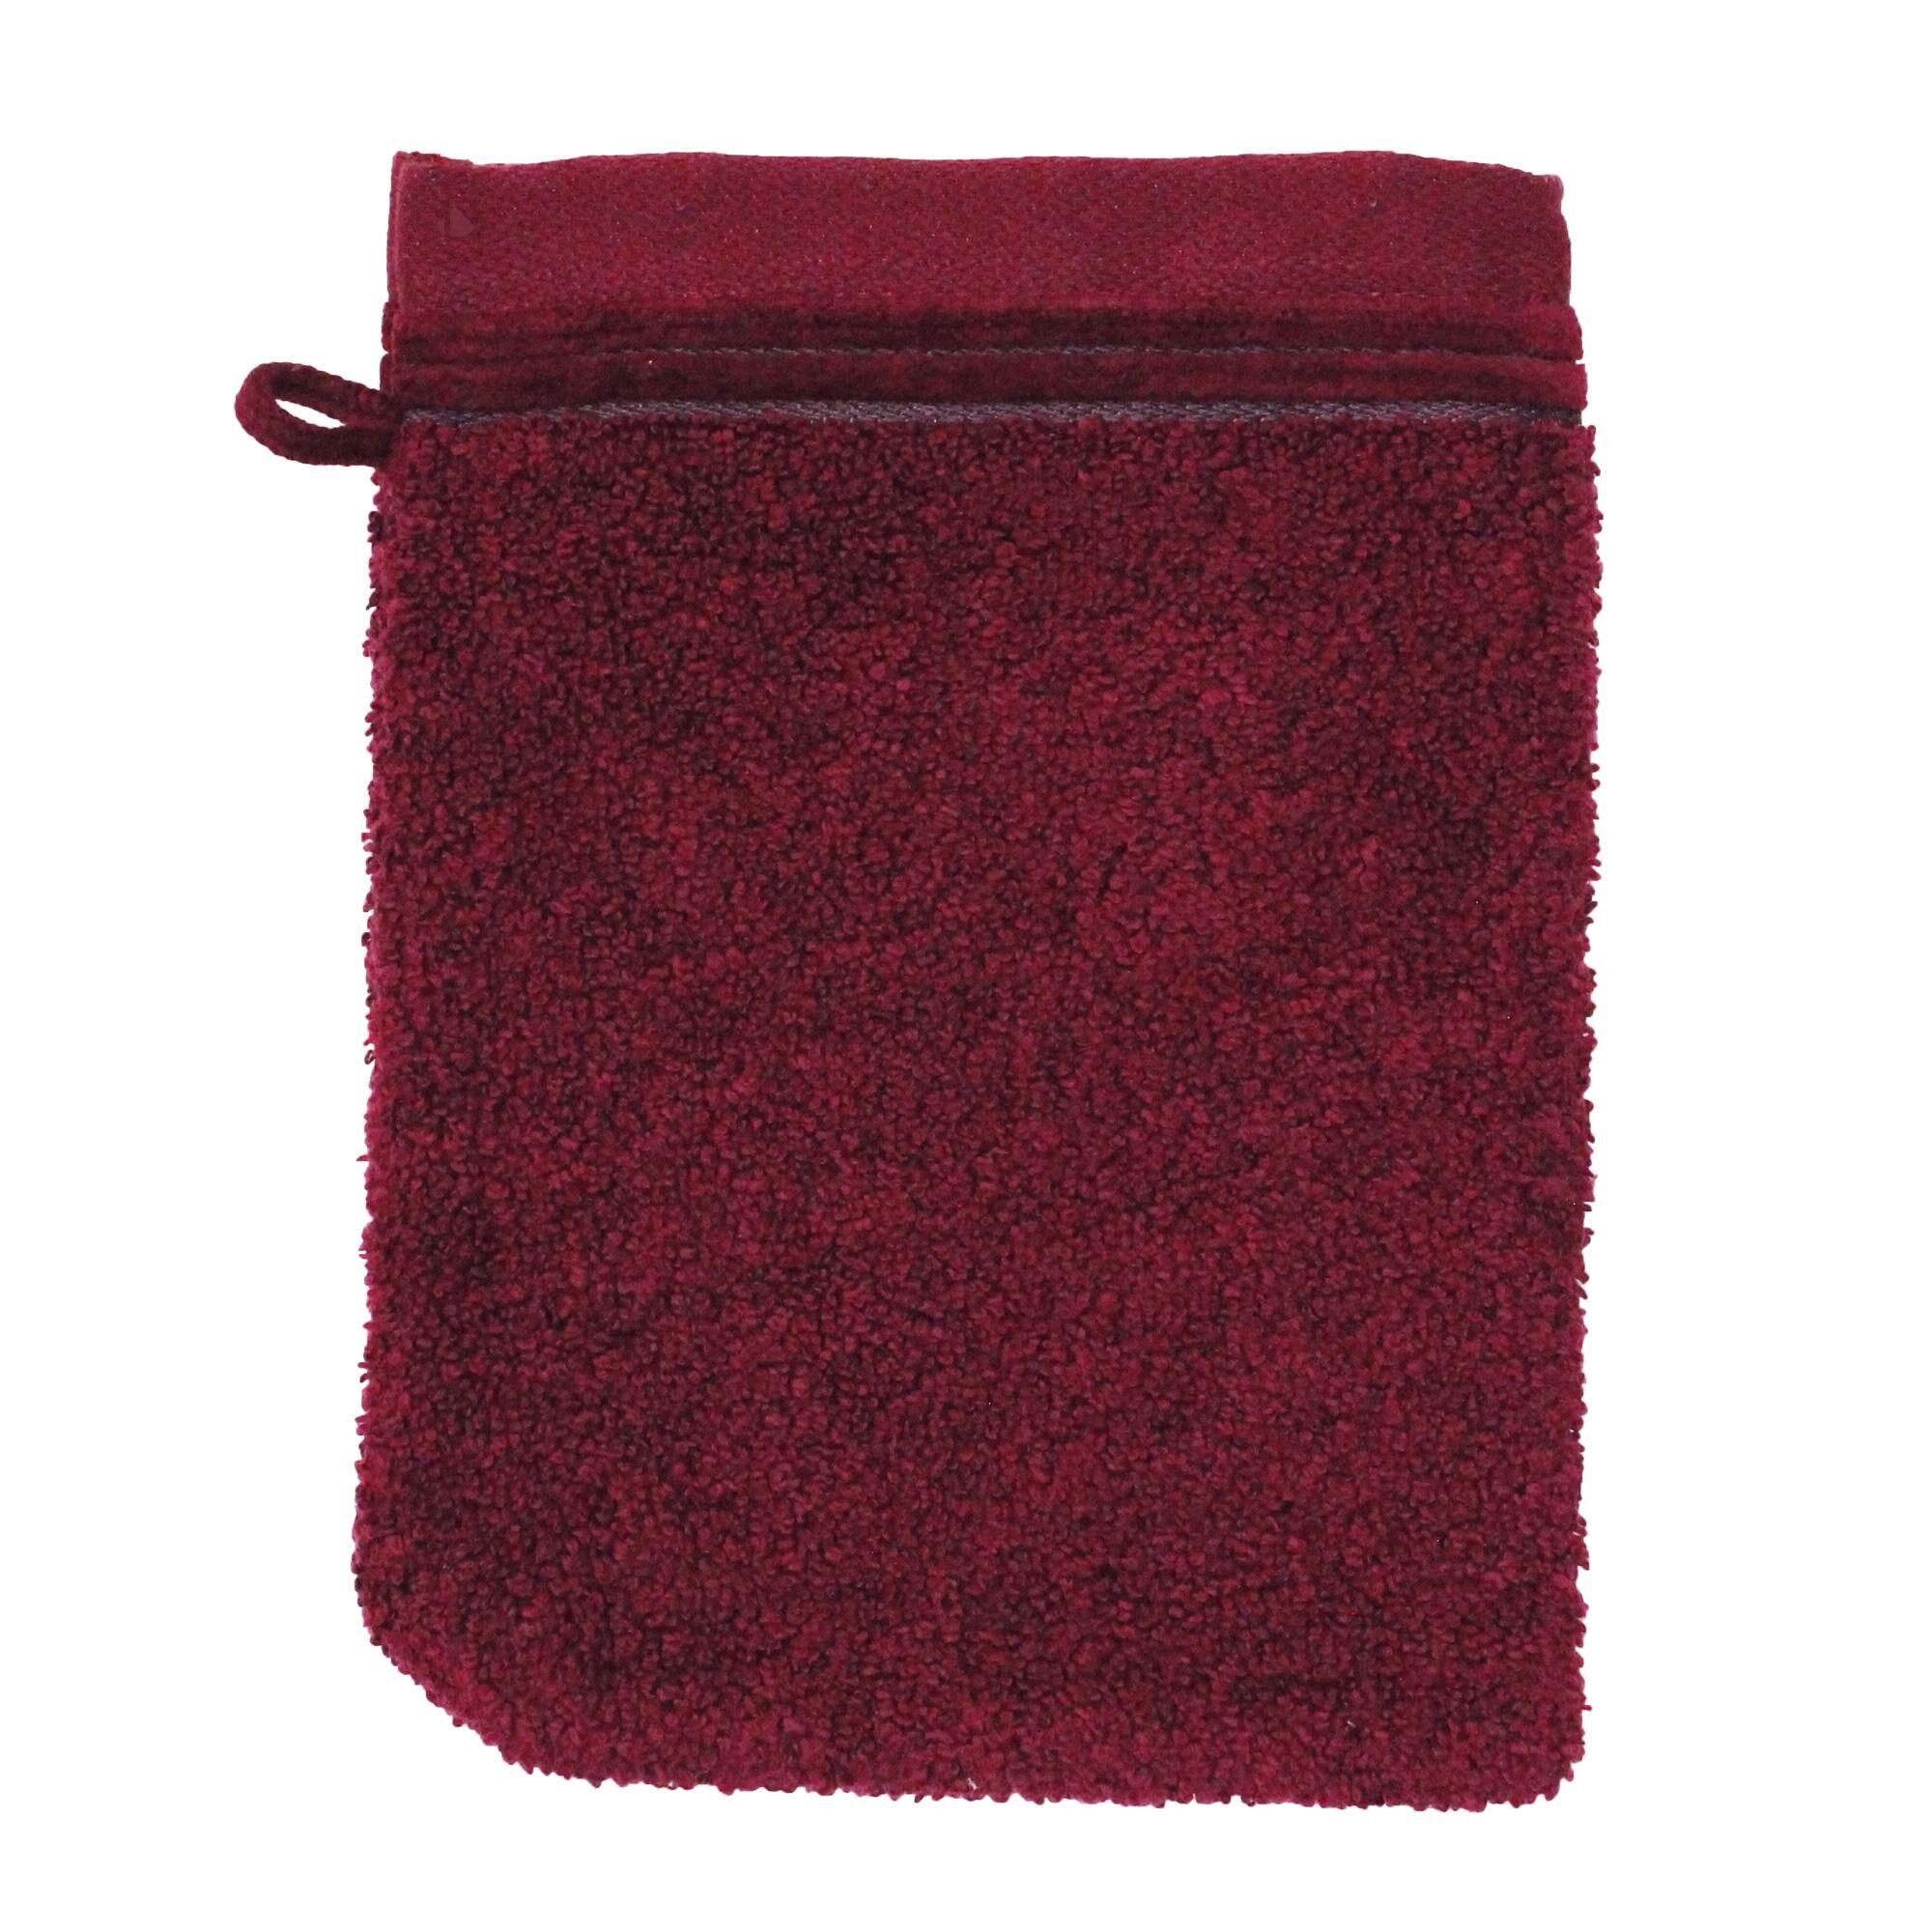 Linnea Gant de toilette 16x21 cm JULIET Rouge bordeaux 520 g/m2